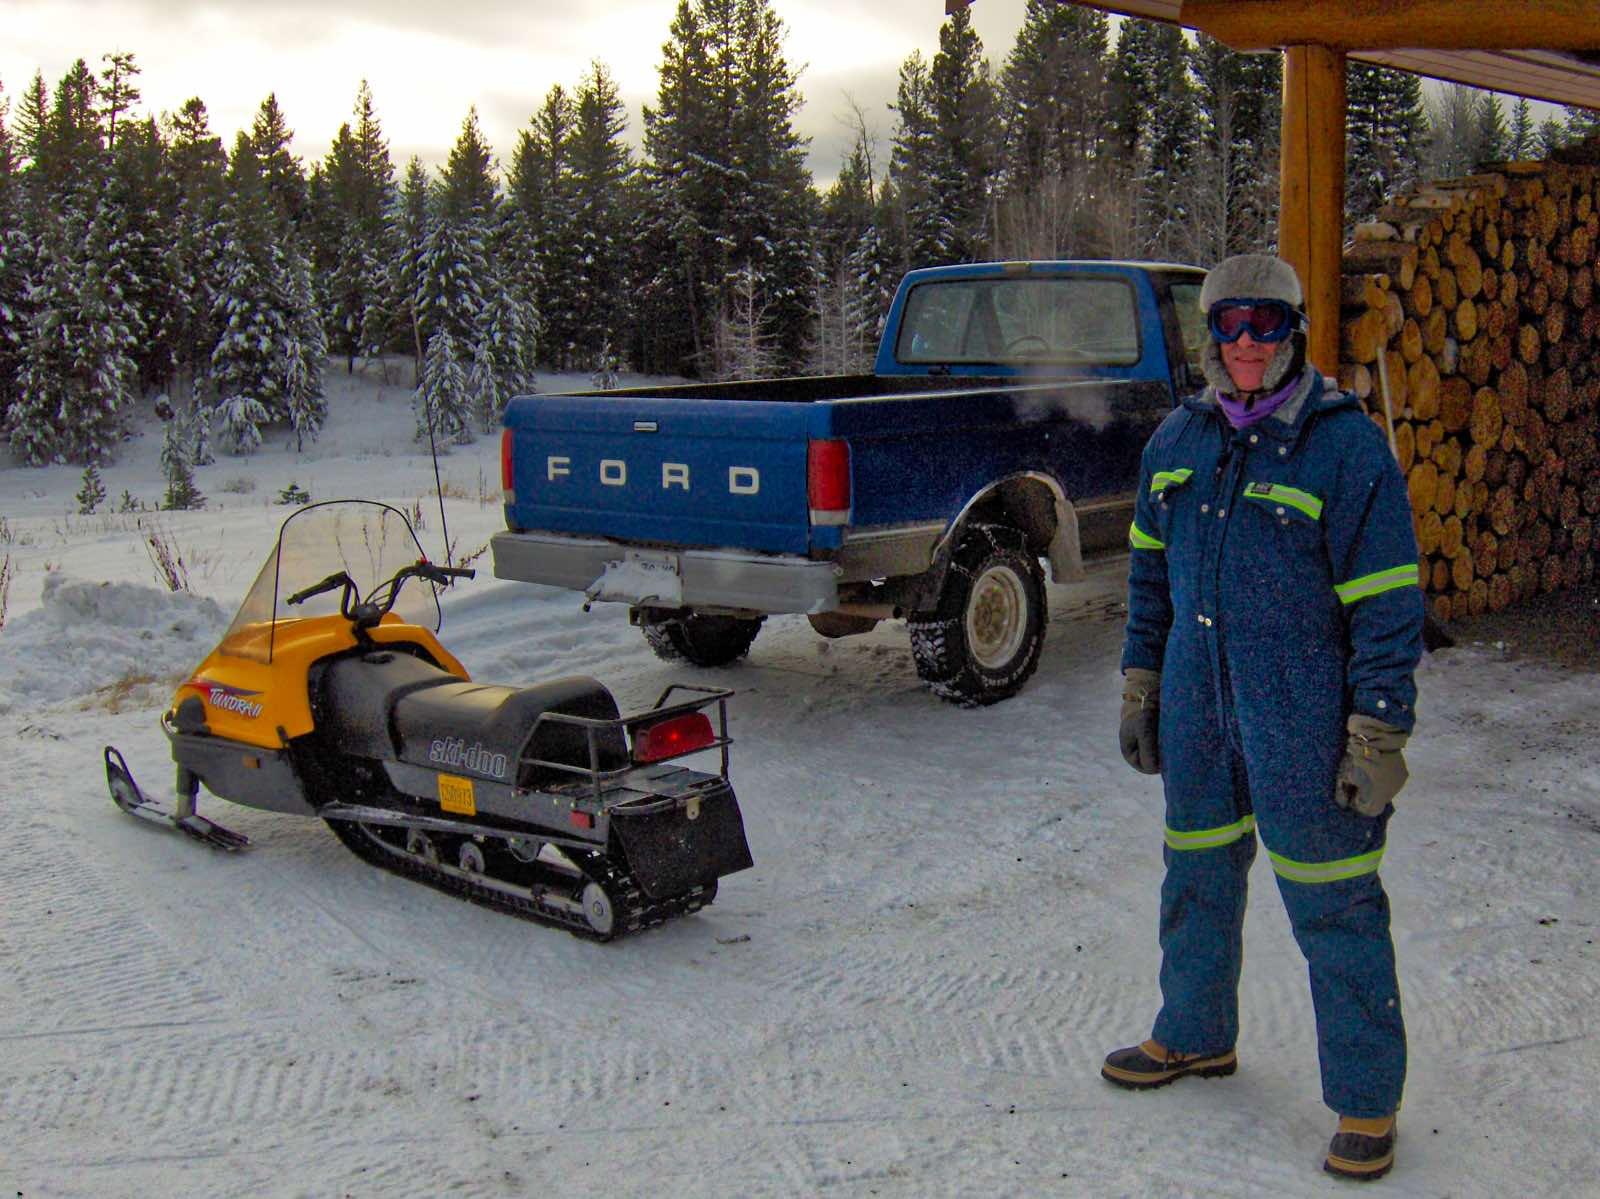 Unser Guide Jochen bei der Vorbereitung der Ski-doo-Tour